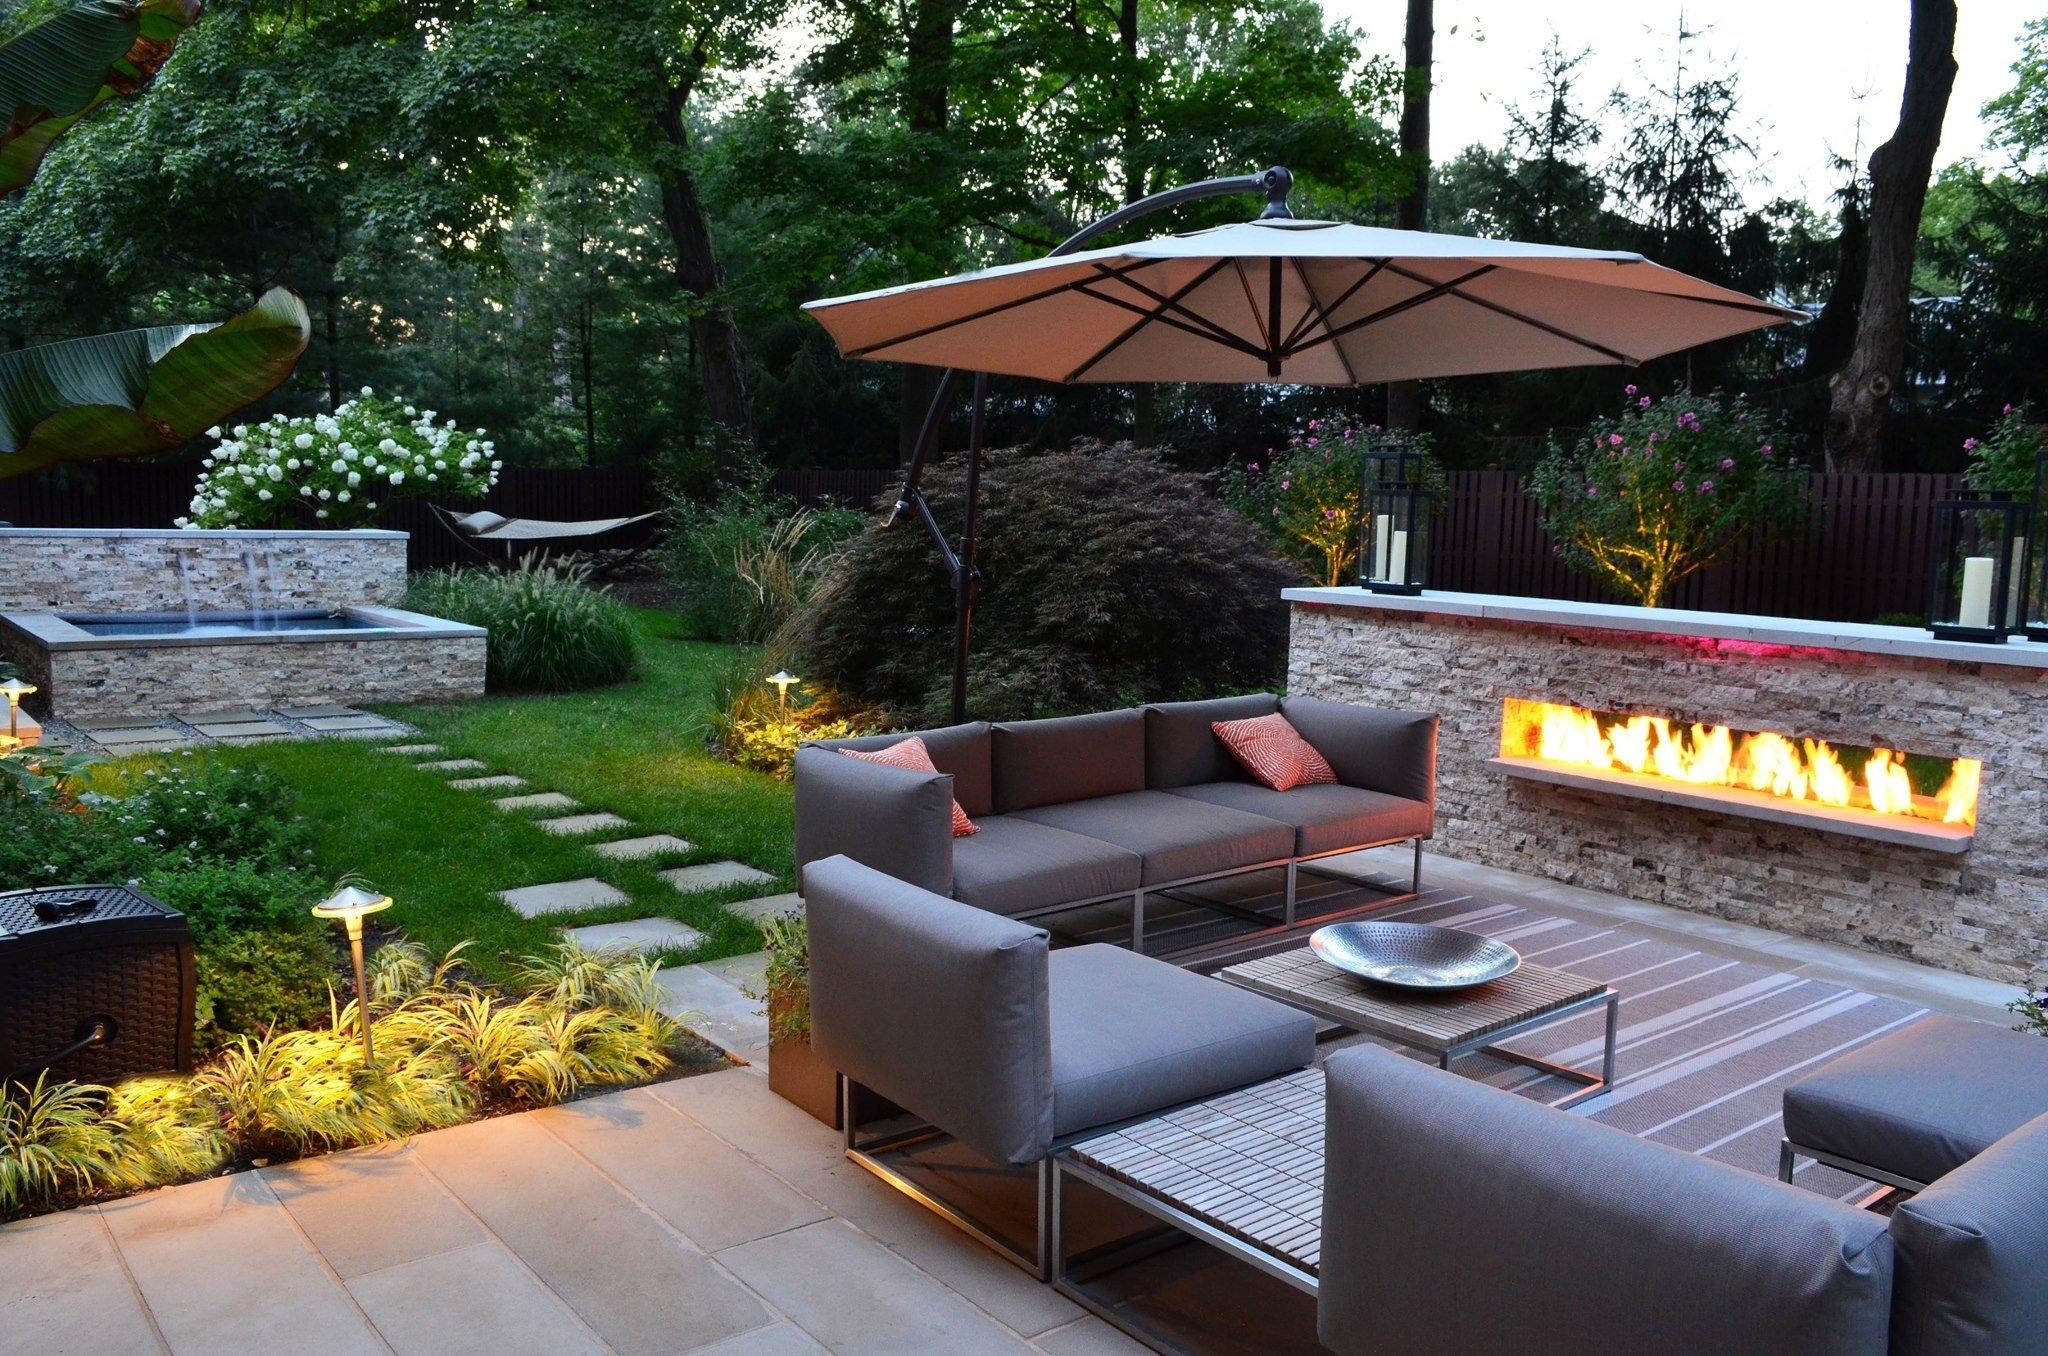 Mobili soggiorno usati: soggiorno moderno usato torino avienix for ...